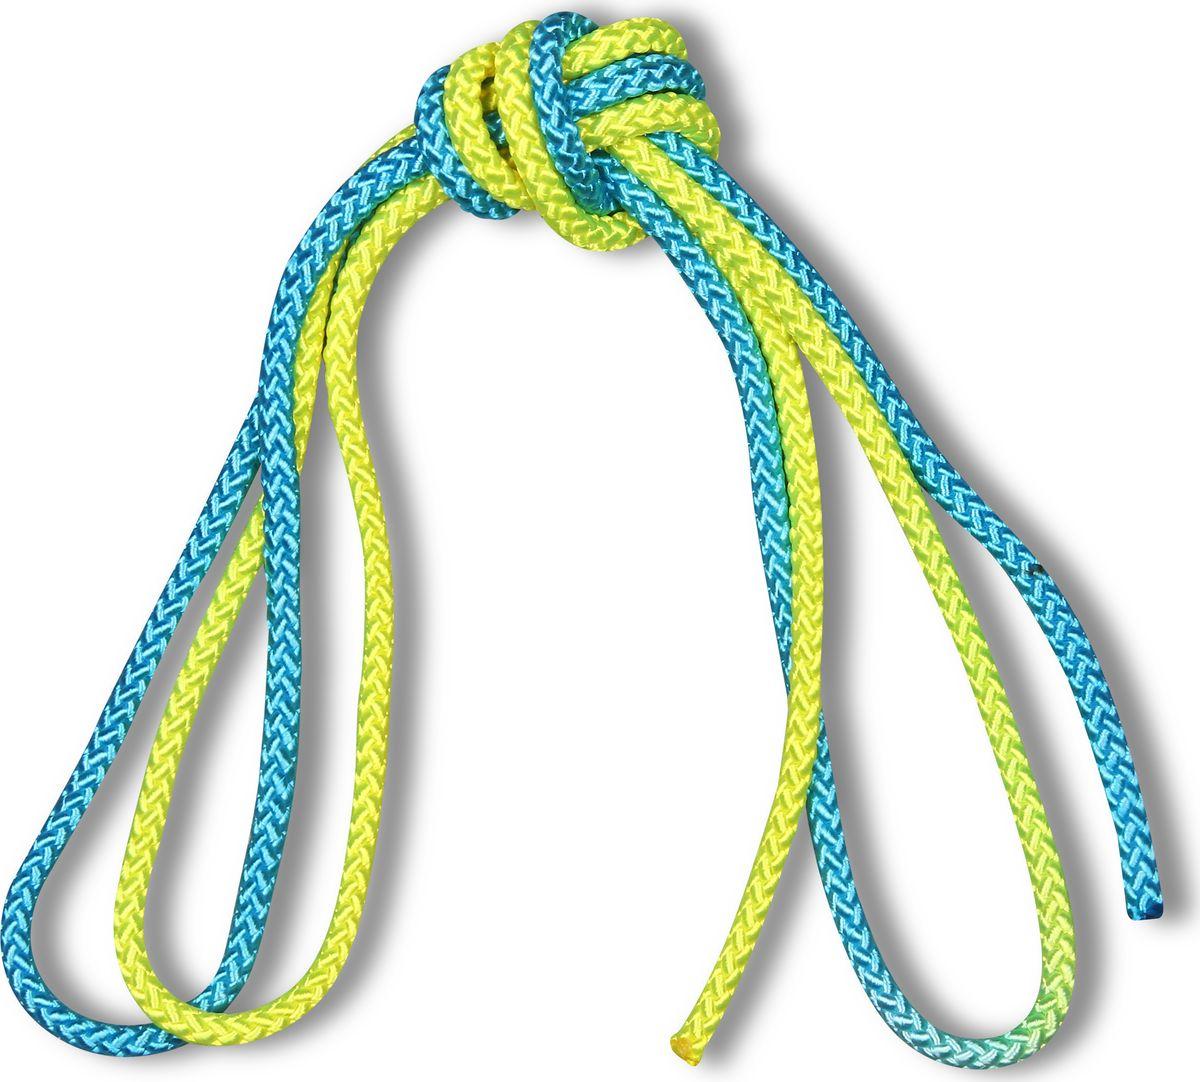 Скакалка для художественной гимнастики Indigo, IN040, желтый, голубой, утяжеленная, 3 м, 165 г детская скакалка 2 3 м в ассортименте